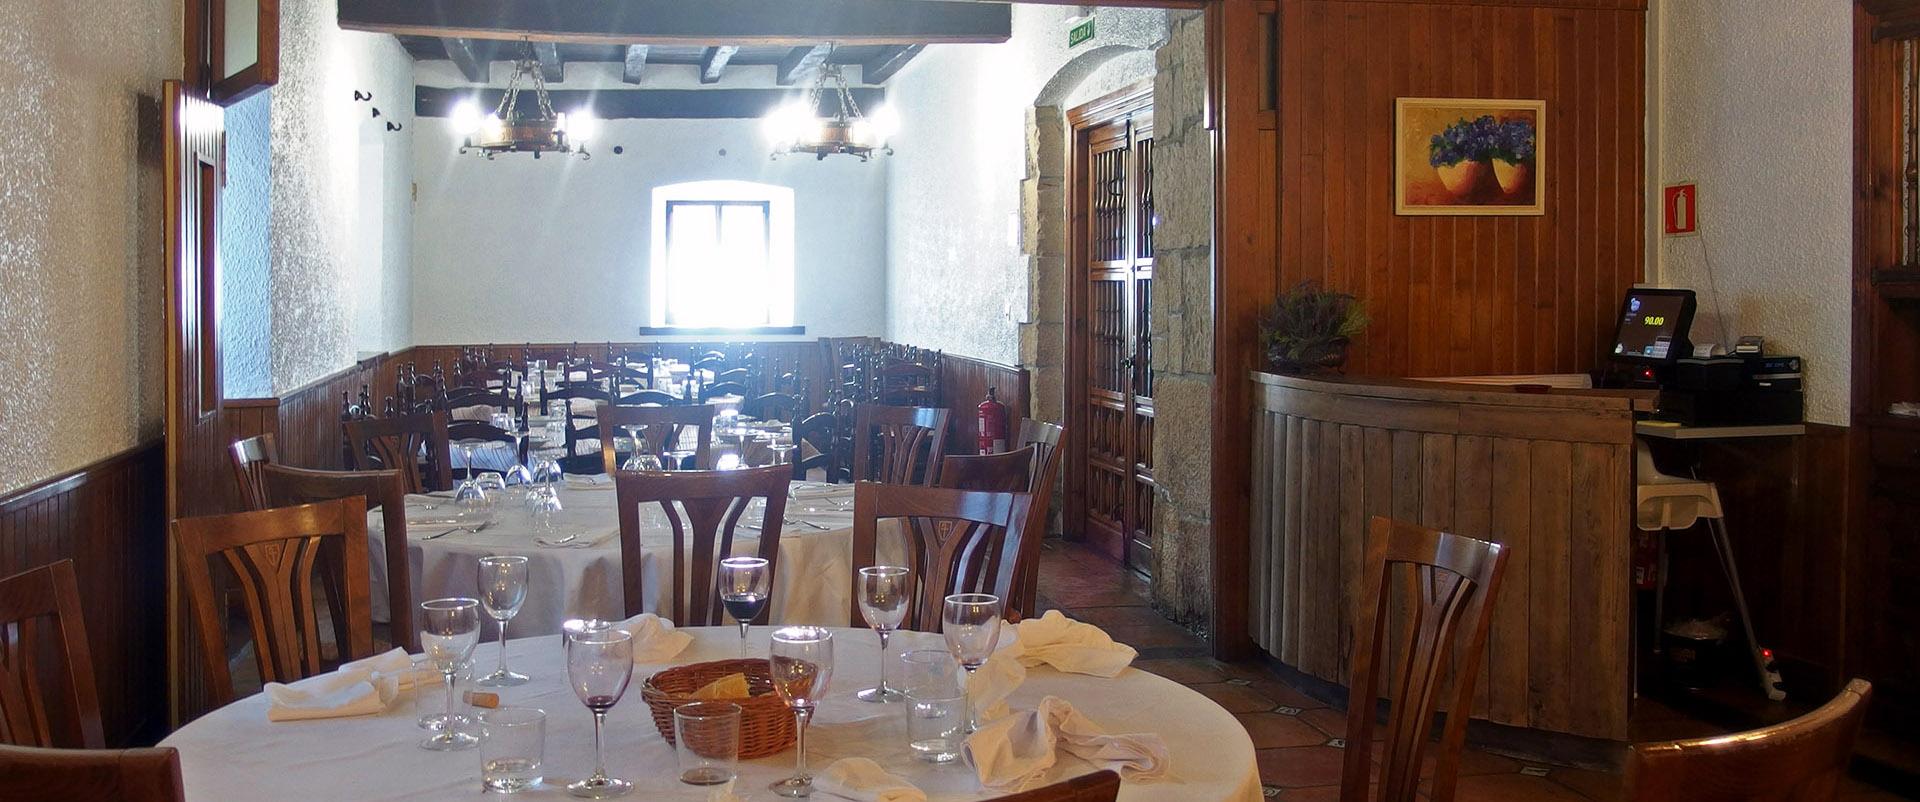 Restaurante La Posada